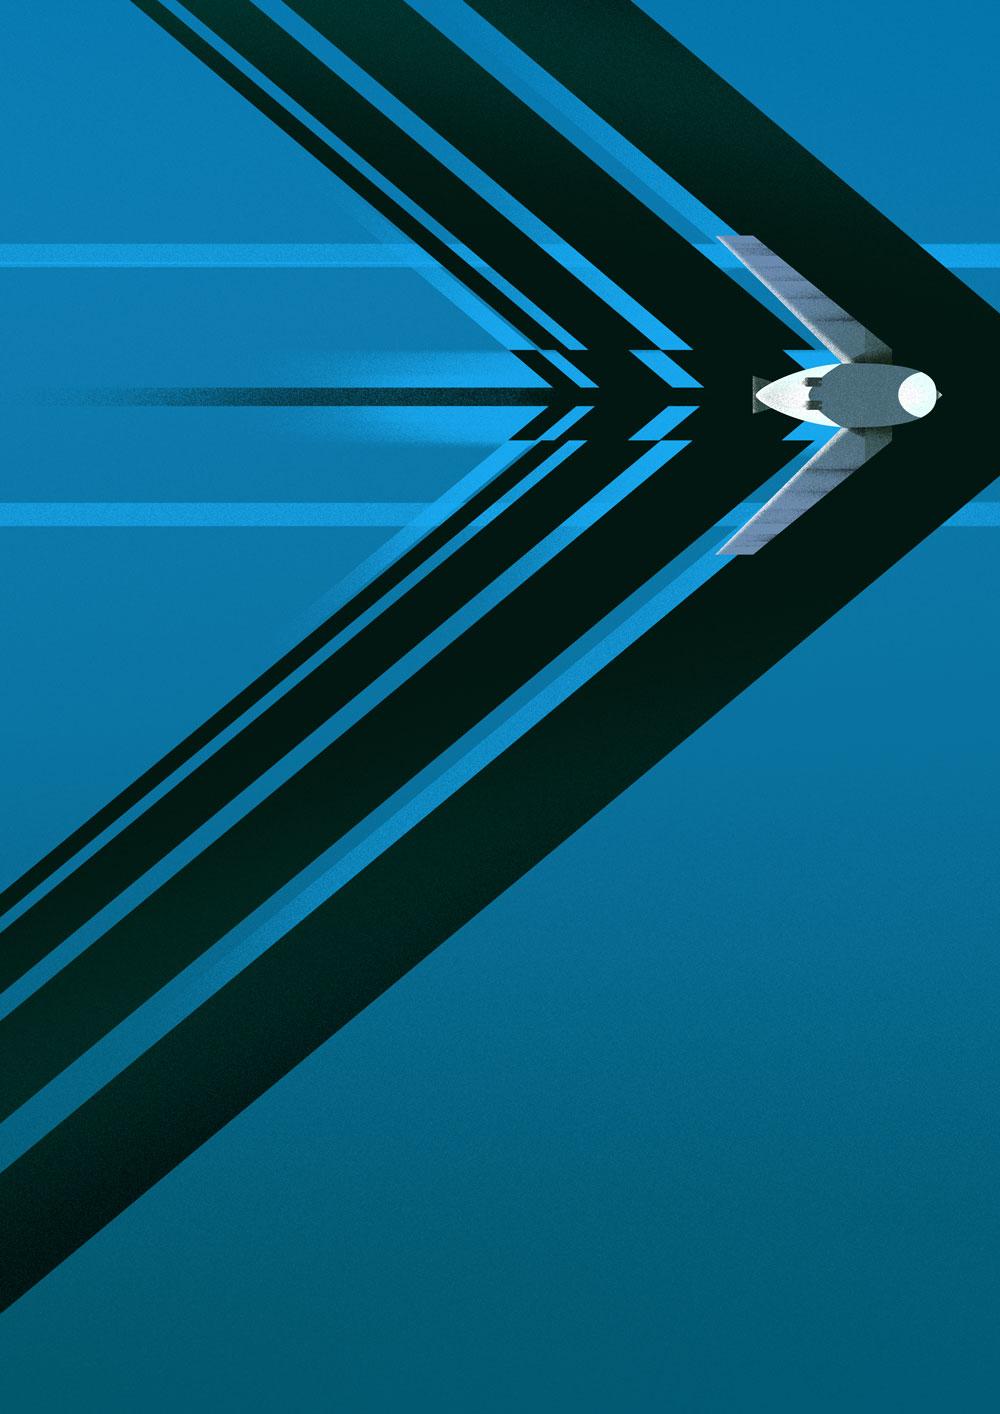 Stark abstrahierte, sehr grafische Darstellung eines Stachelschwanzsegler